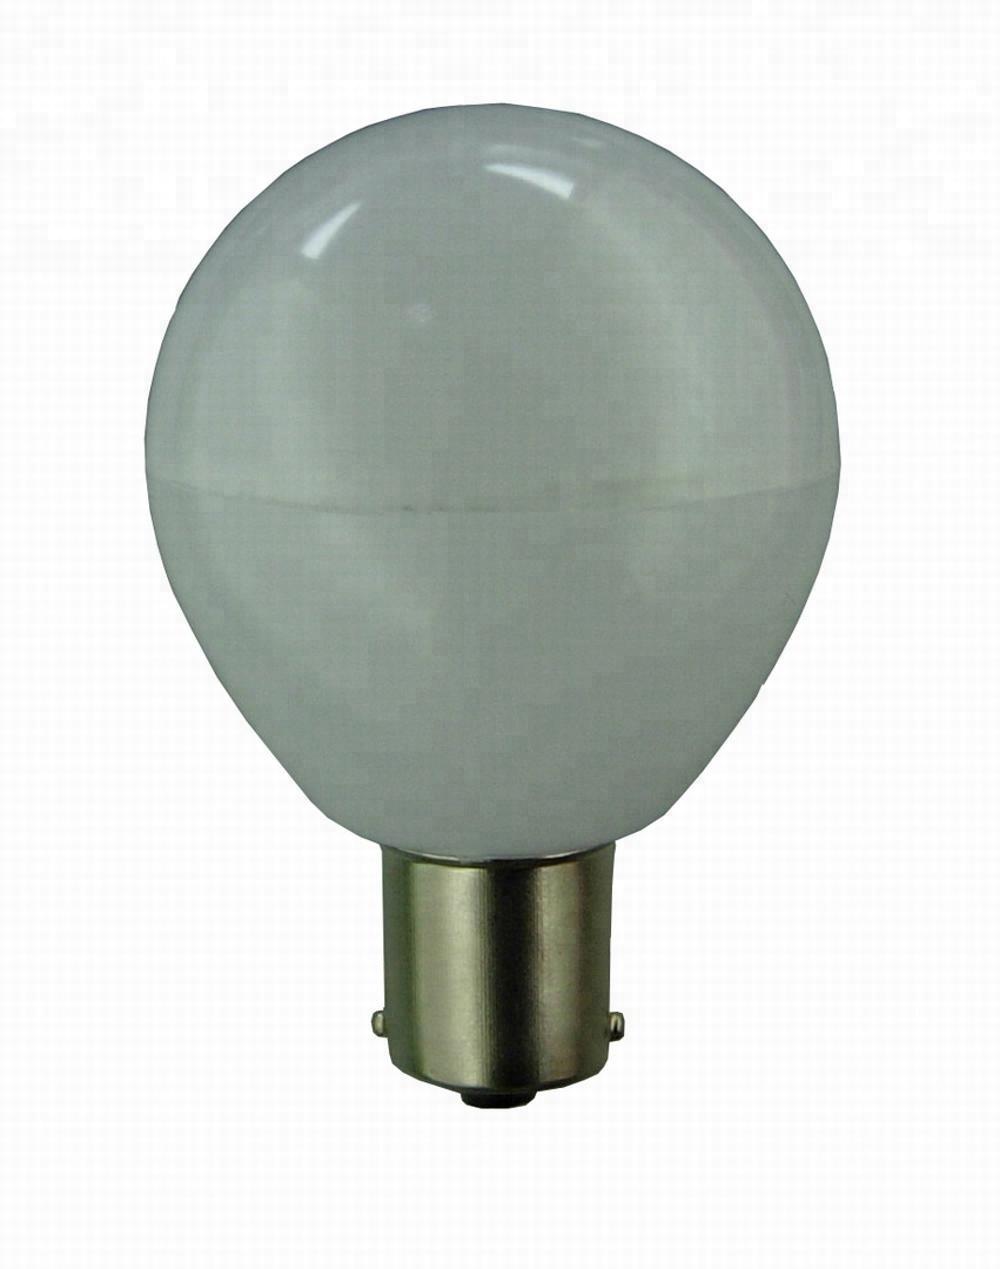 CE RoHS 12V 24V AC DC Plastic Housing outdoor led light bulb bayonet